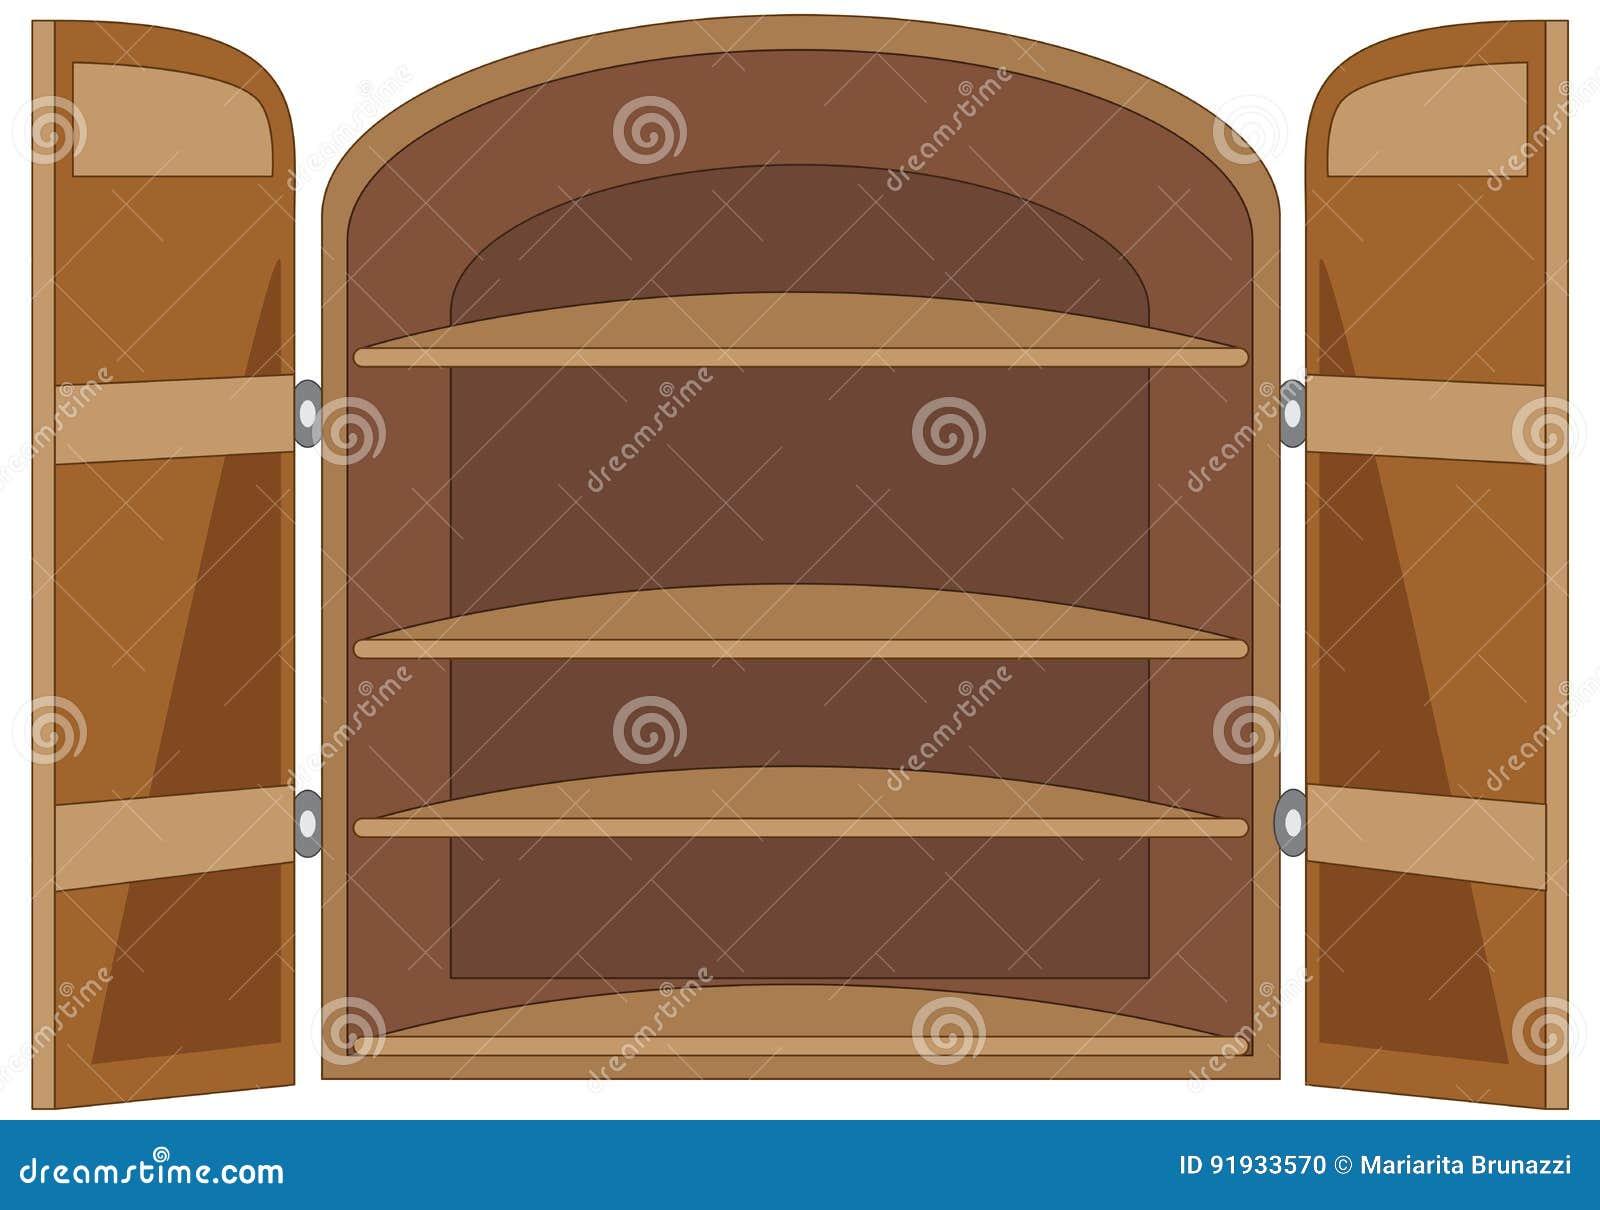 Reusing Kitchen Cabinet Doors